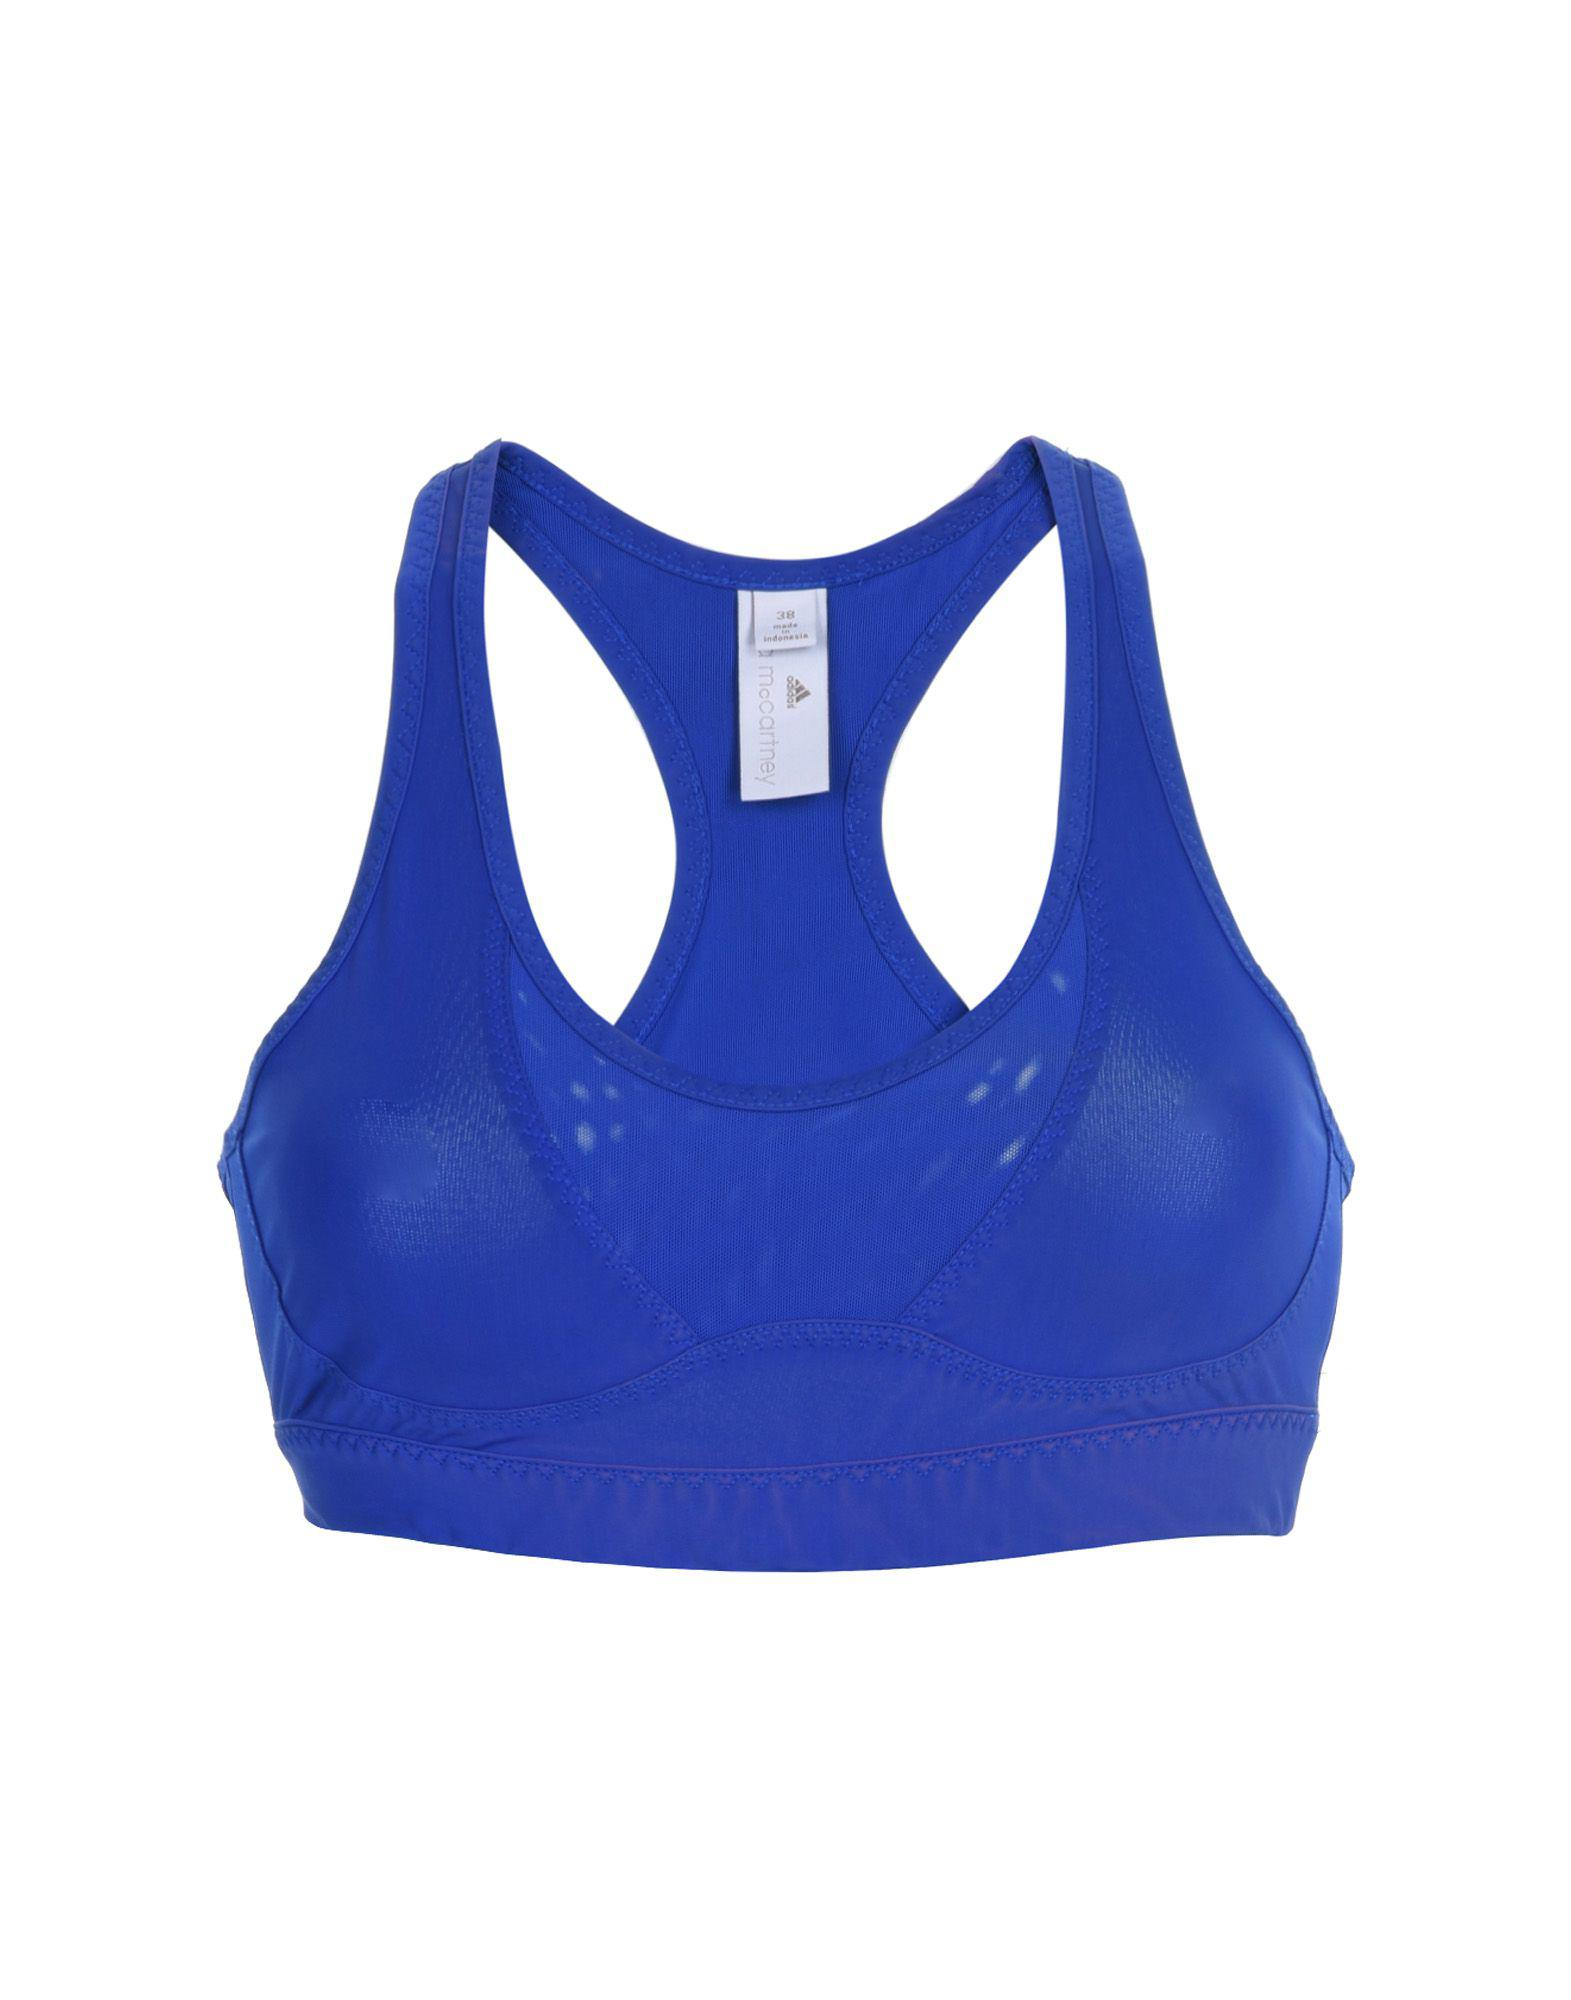 ffc30db347c98 Lyst - Adidas By Stella Mccartney Bras in Blue